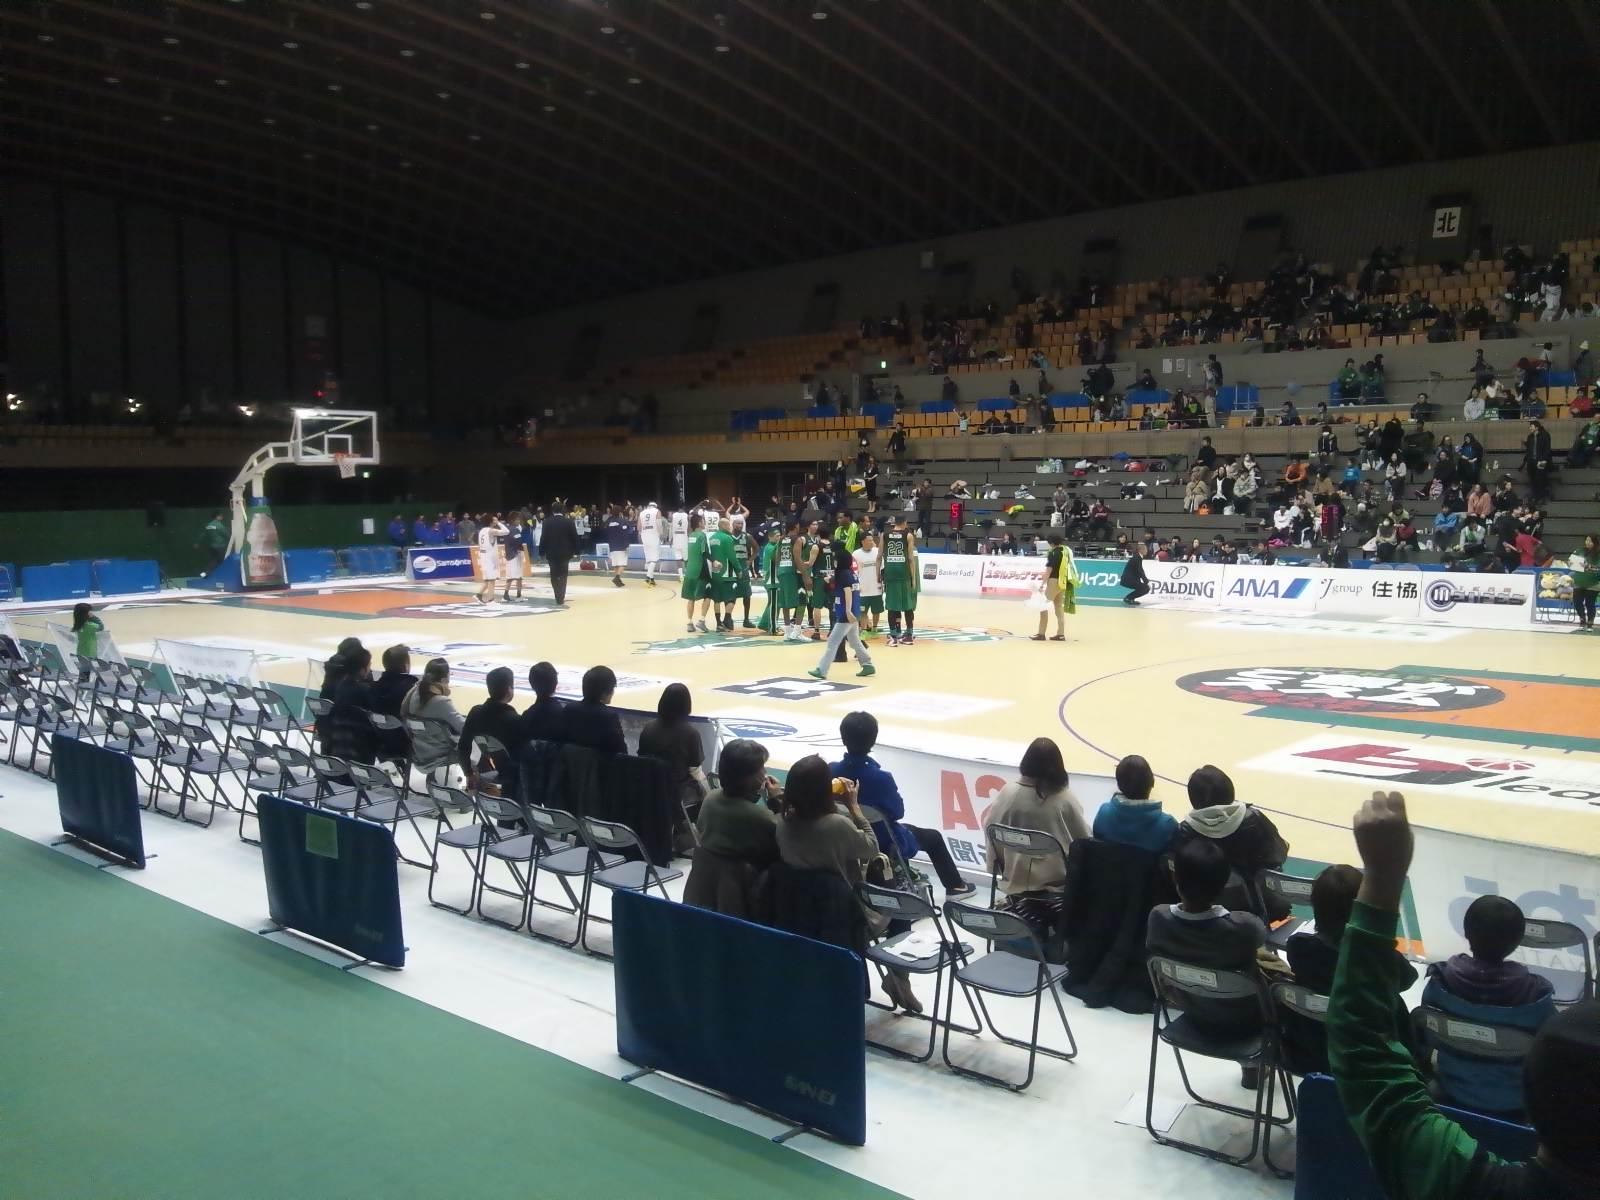 2013年2月9日(土)の結果(vs長野・ホーム所沢)